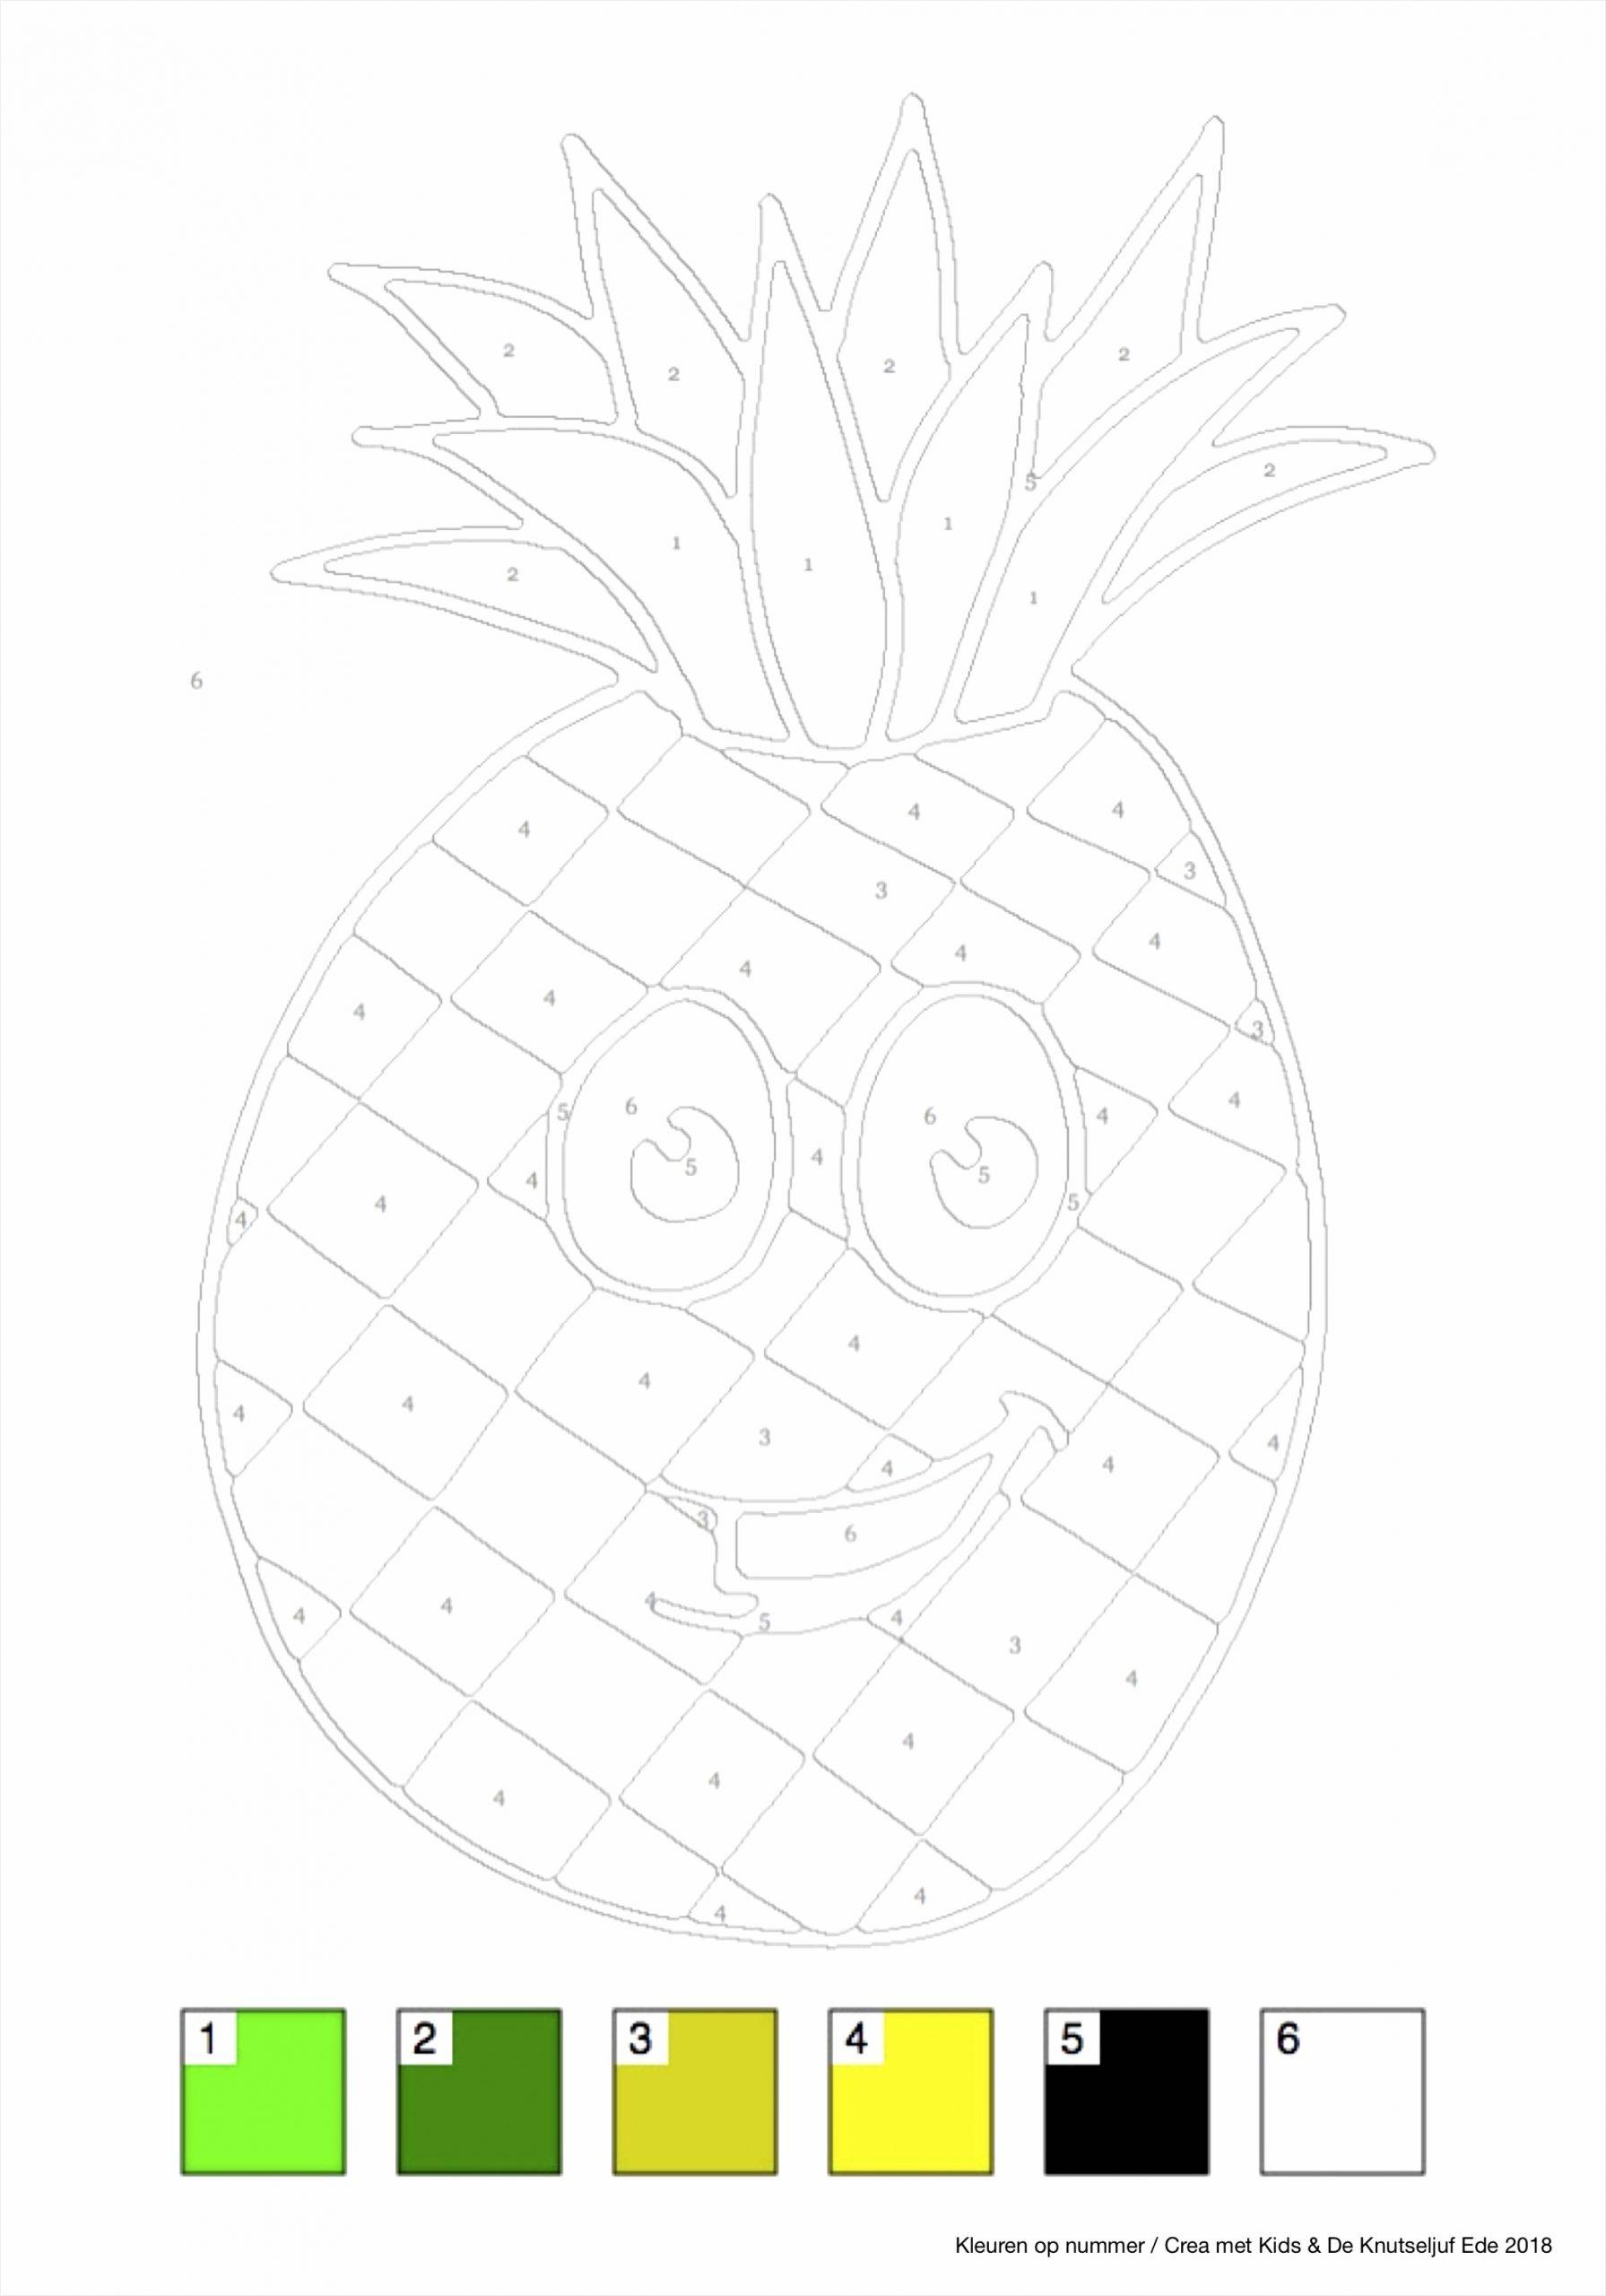 kleuren op nummer fruit ananas irdtu